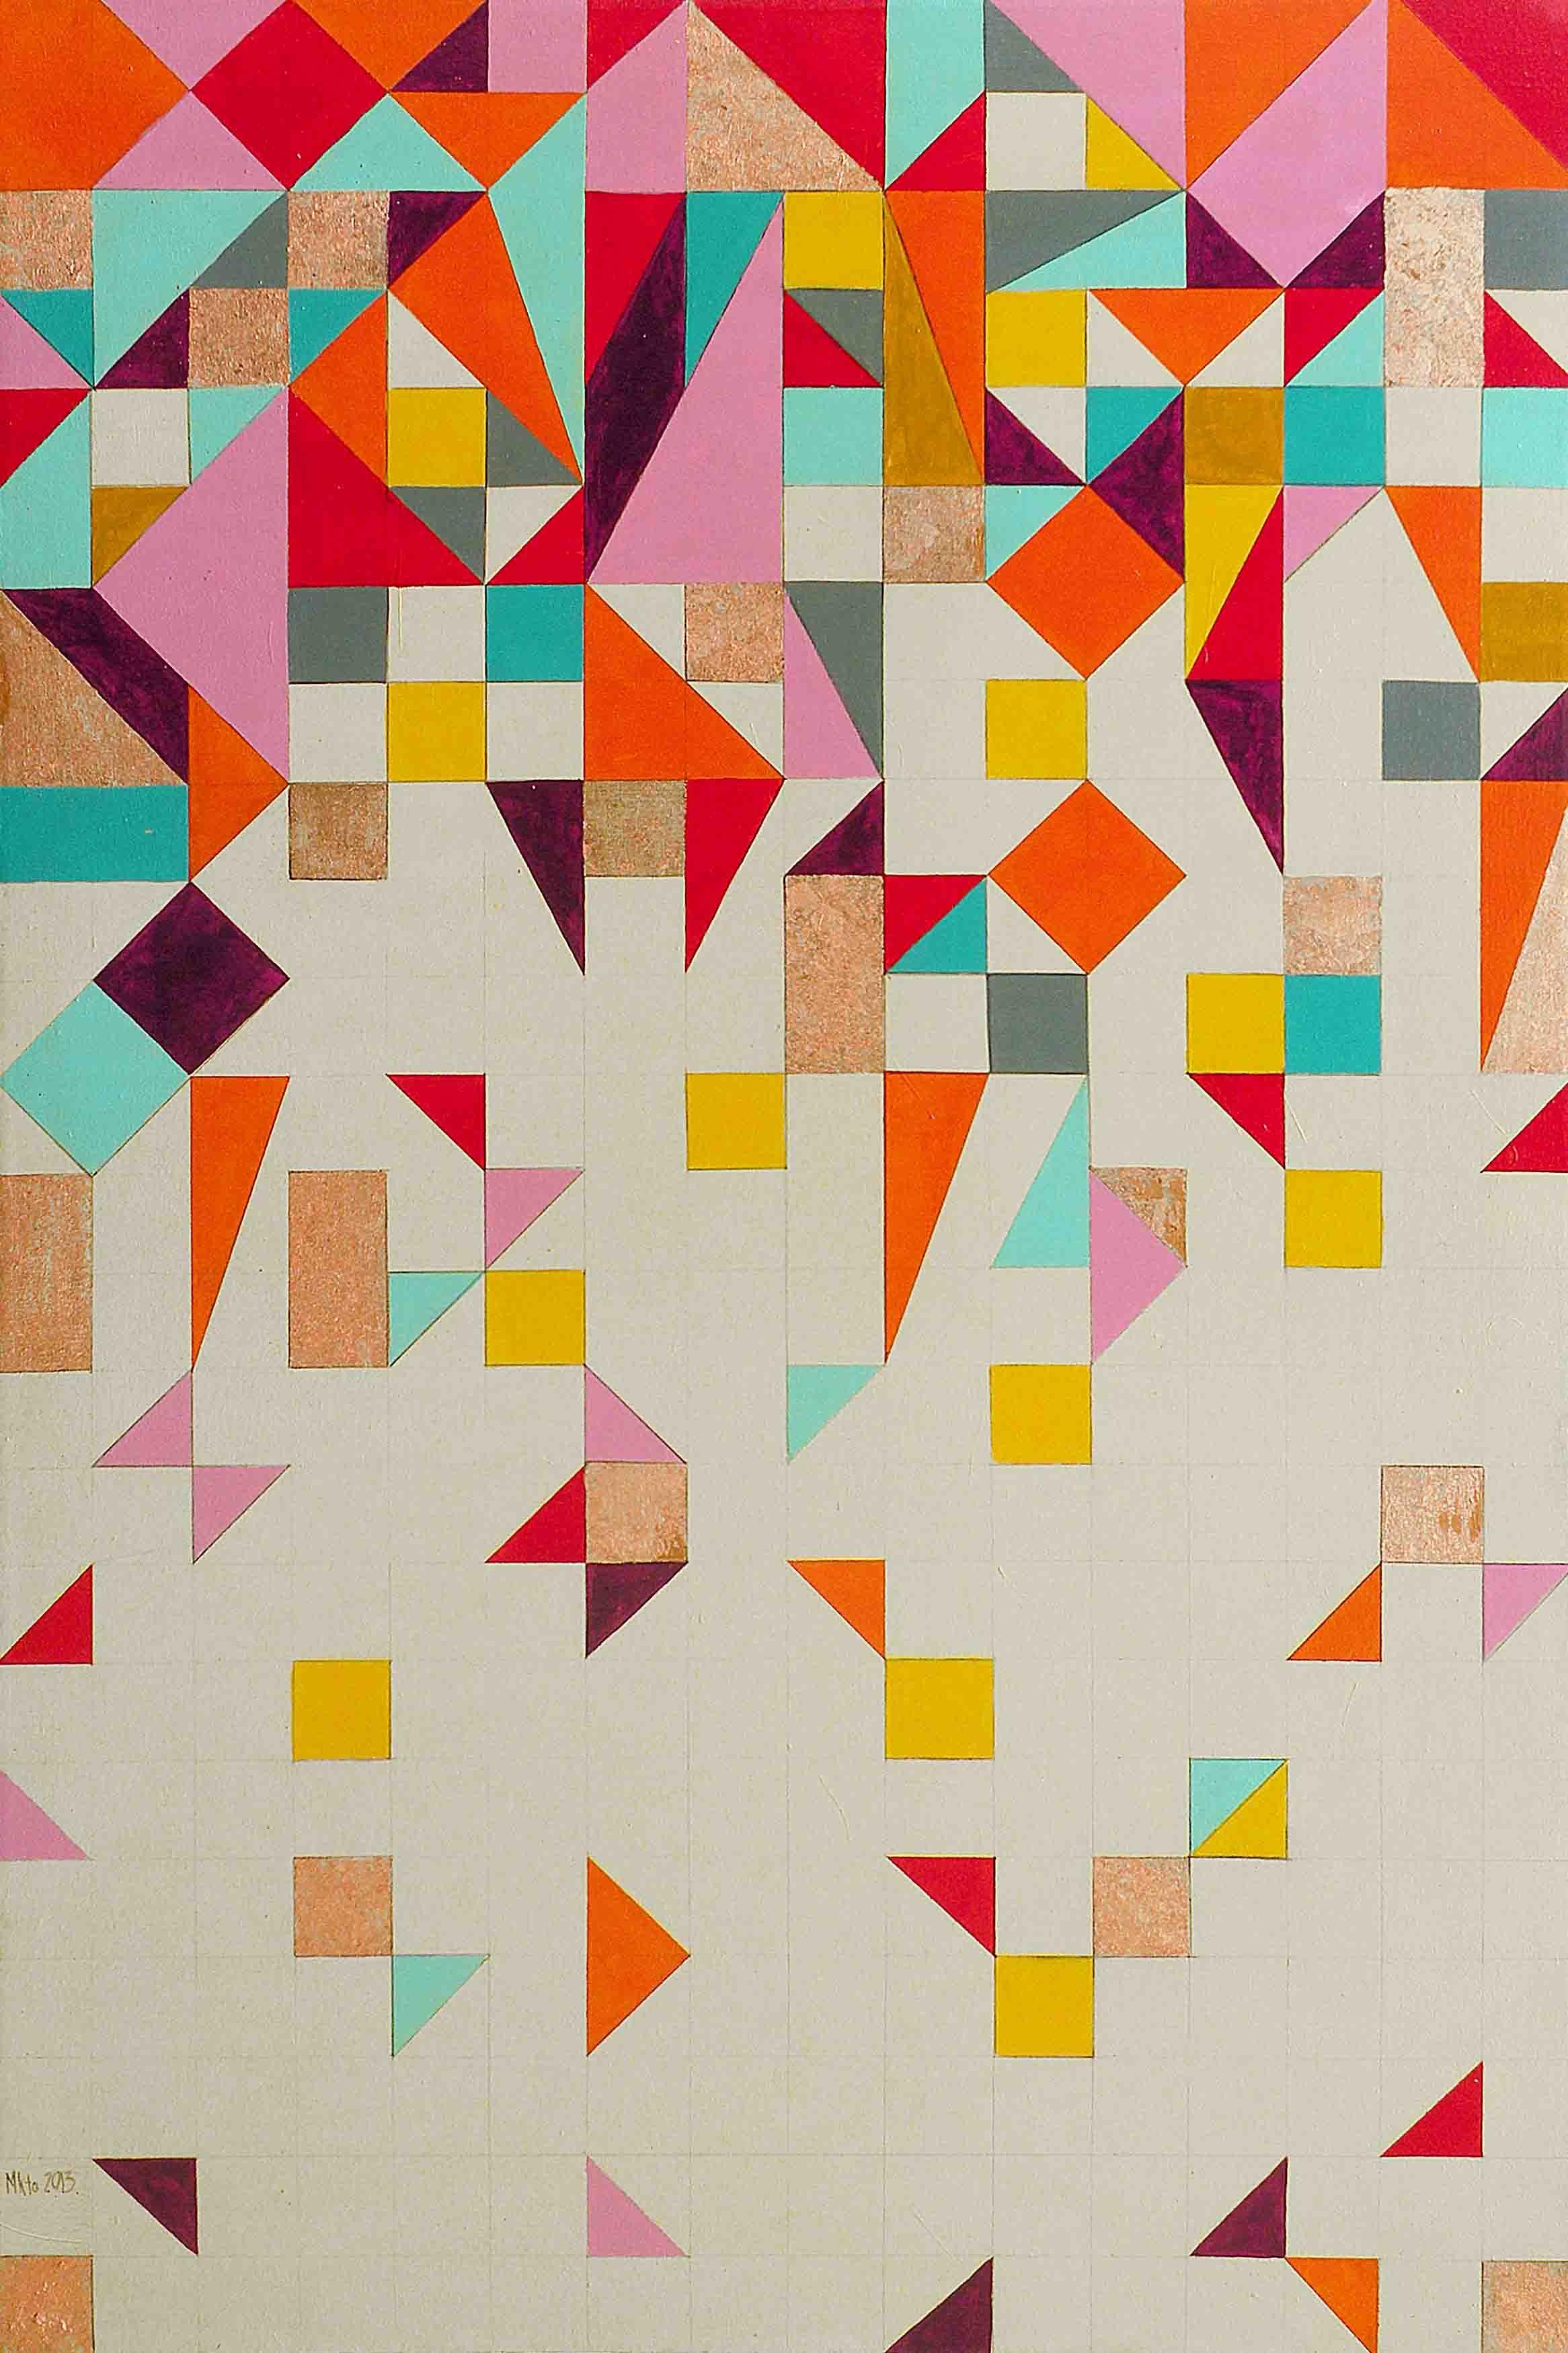 Illustration Abstraite : Géométrique, Couleurs Vives